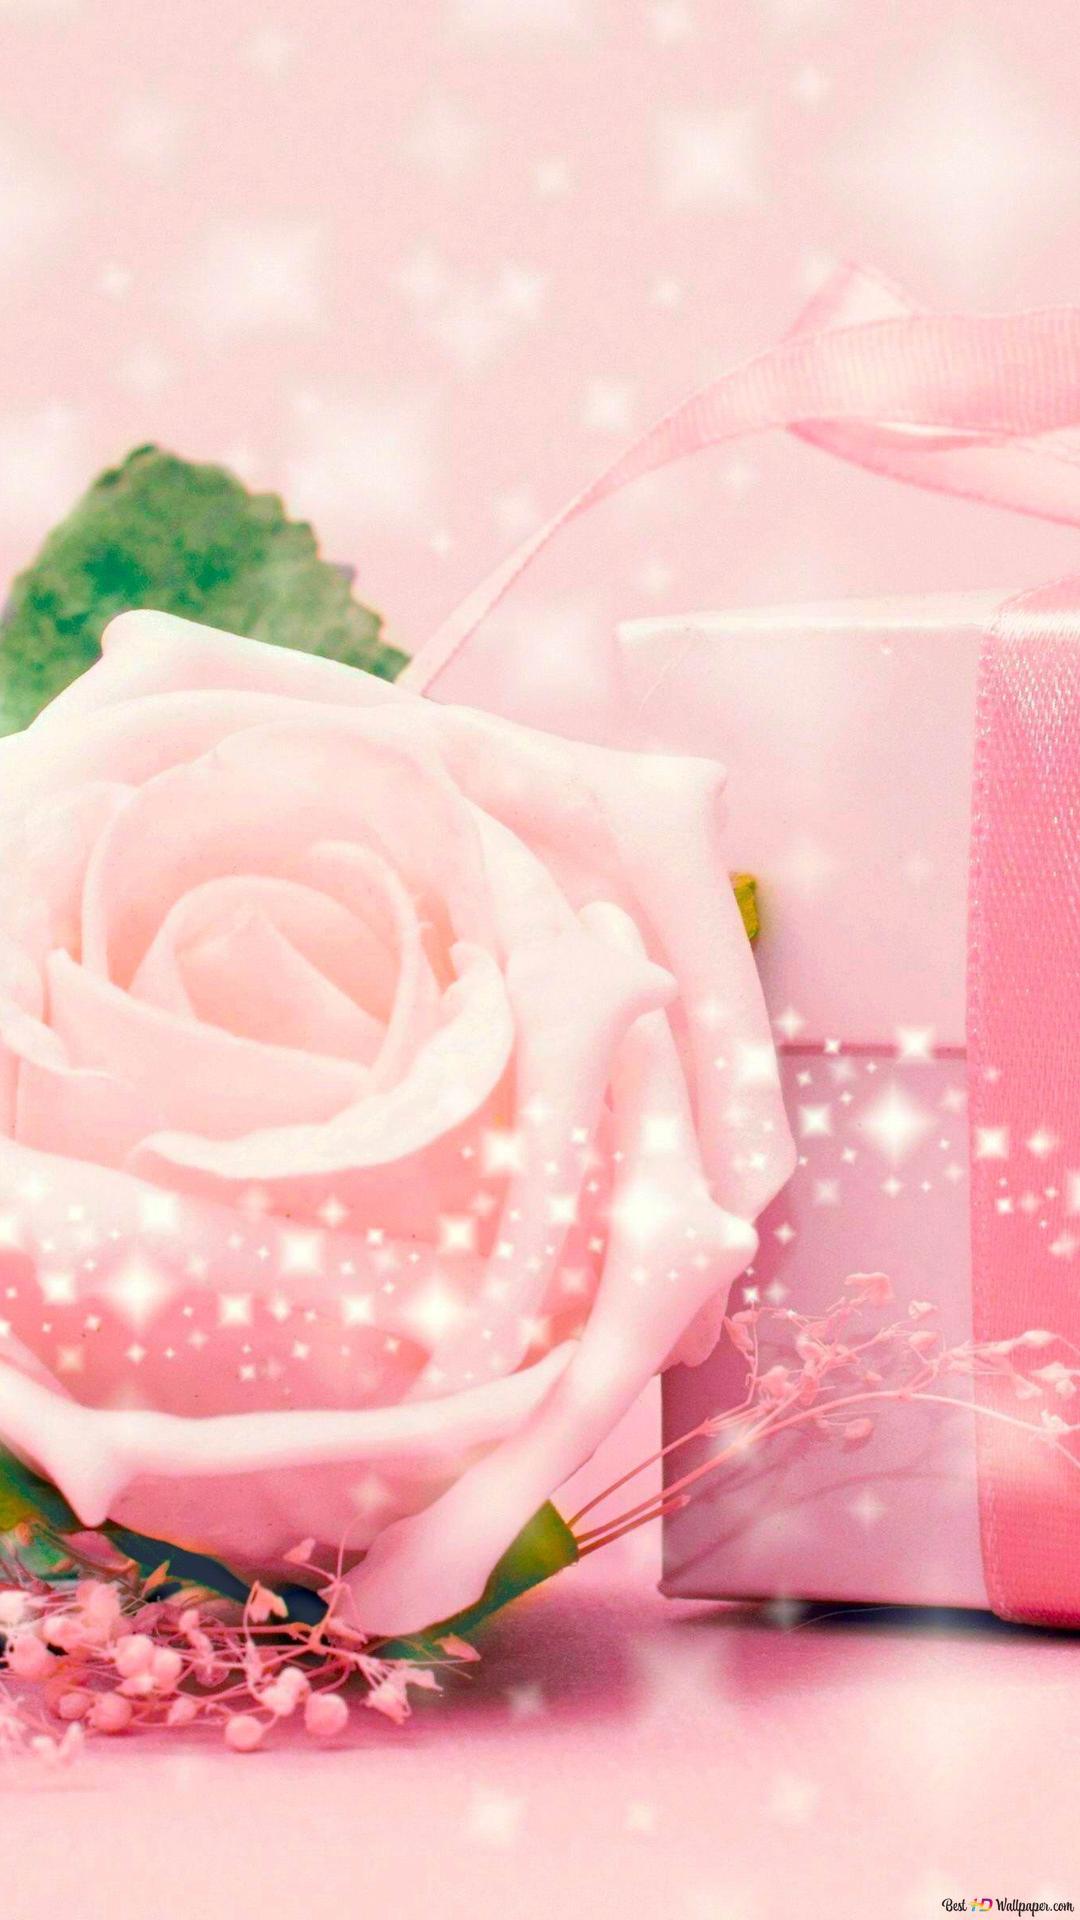 バレンタインの日 ピンクのバラと贈り物 Hd壁紙のダウンロード